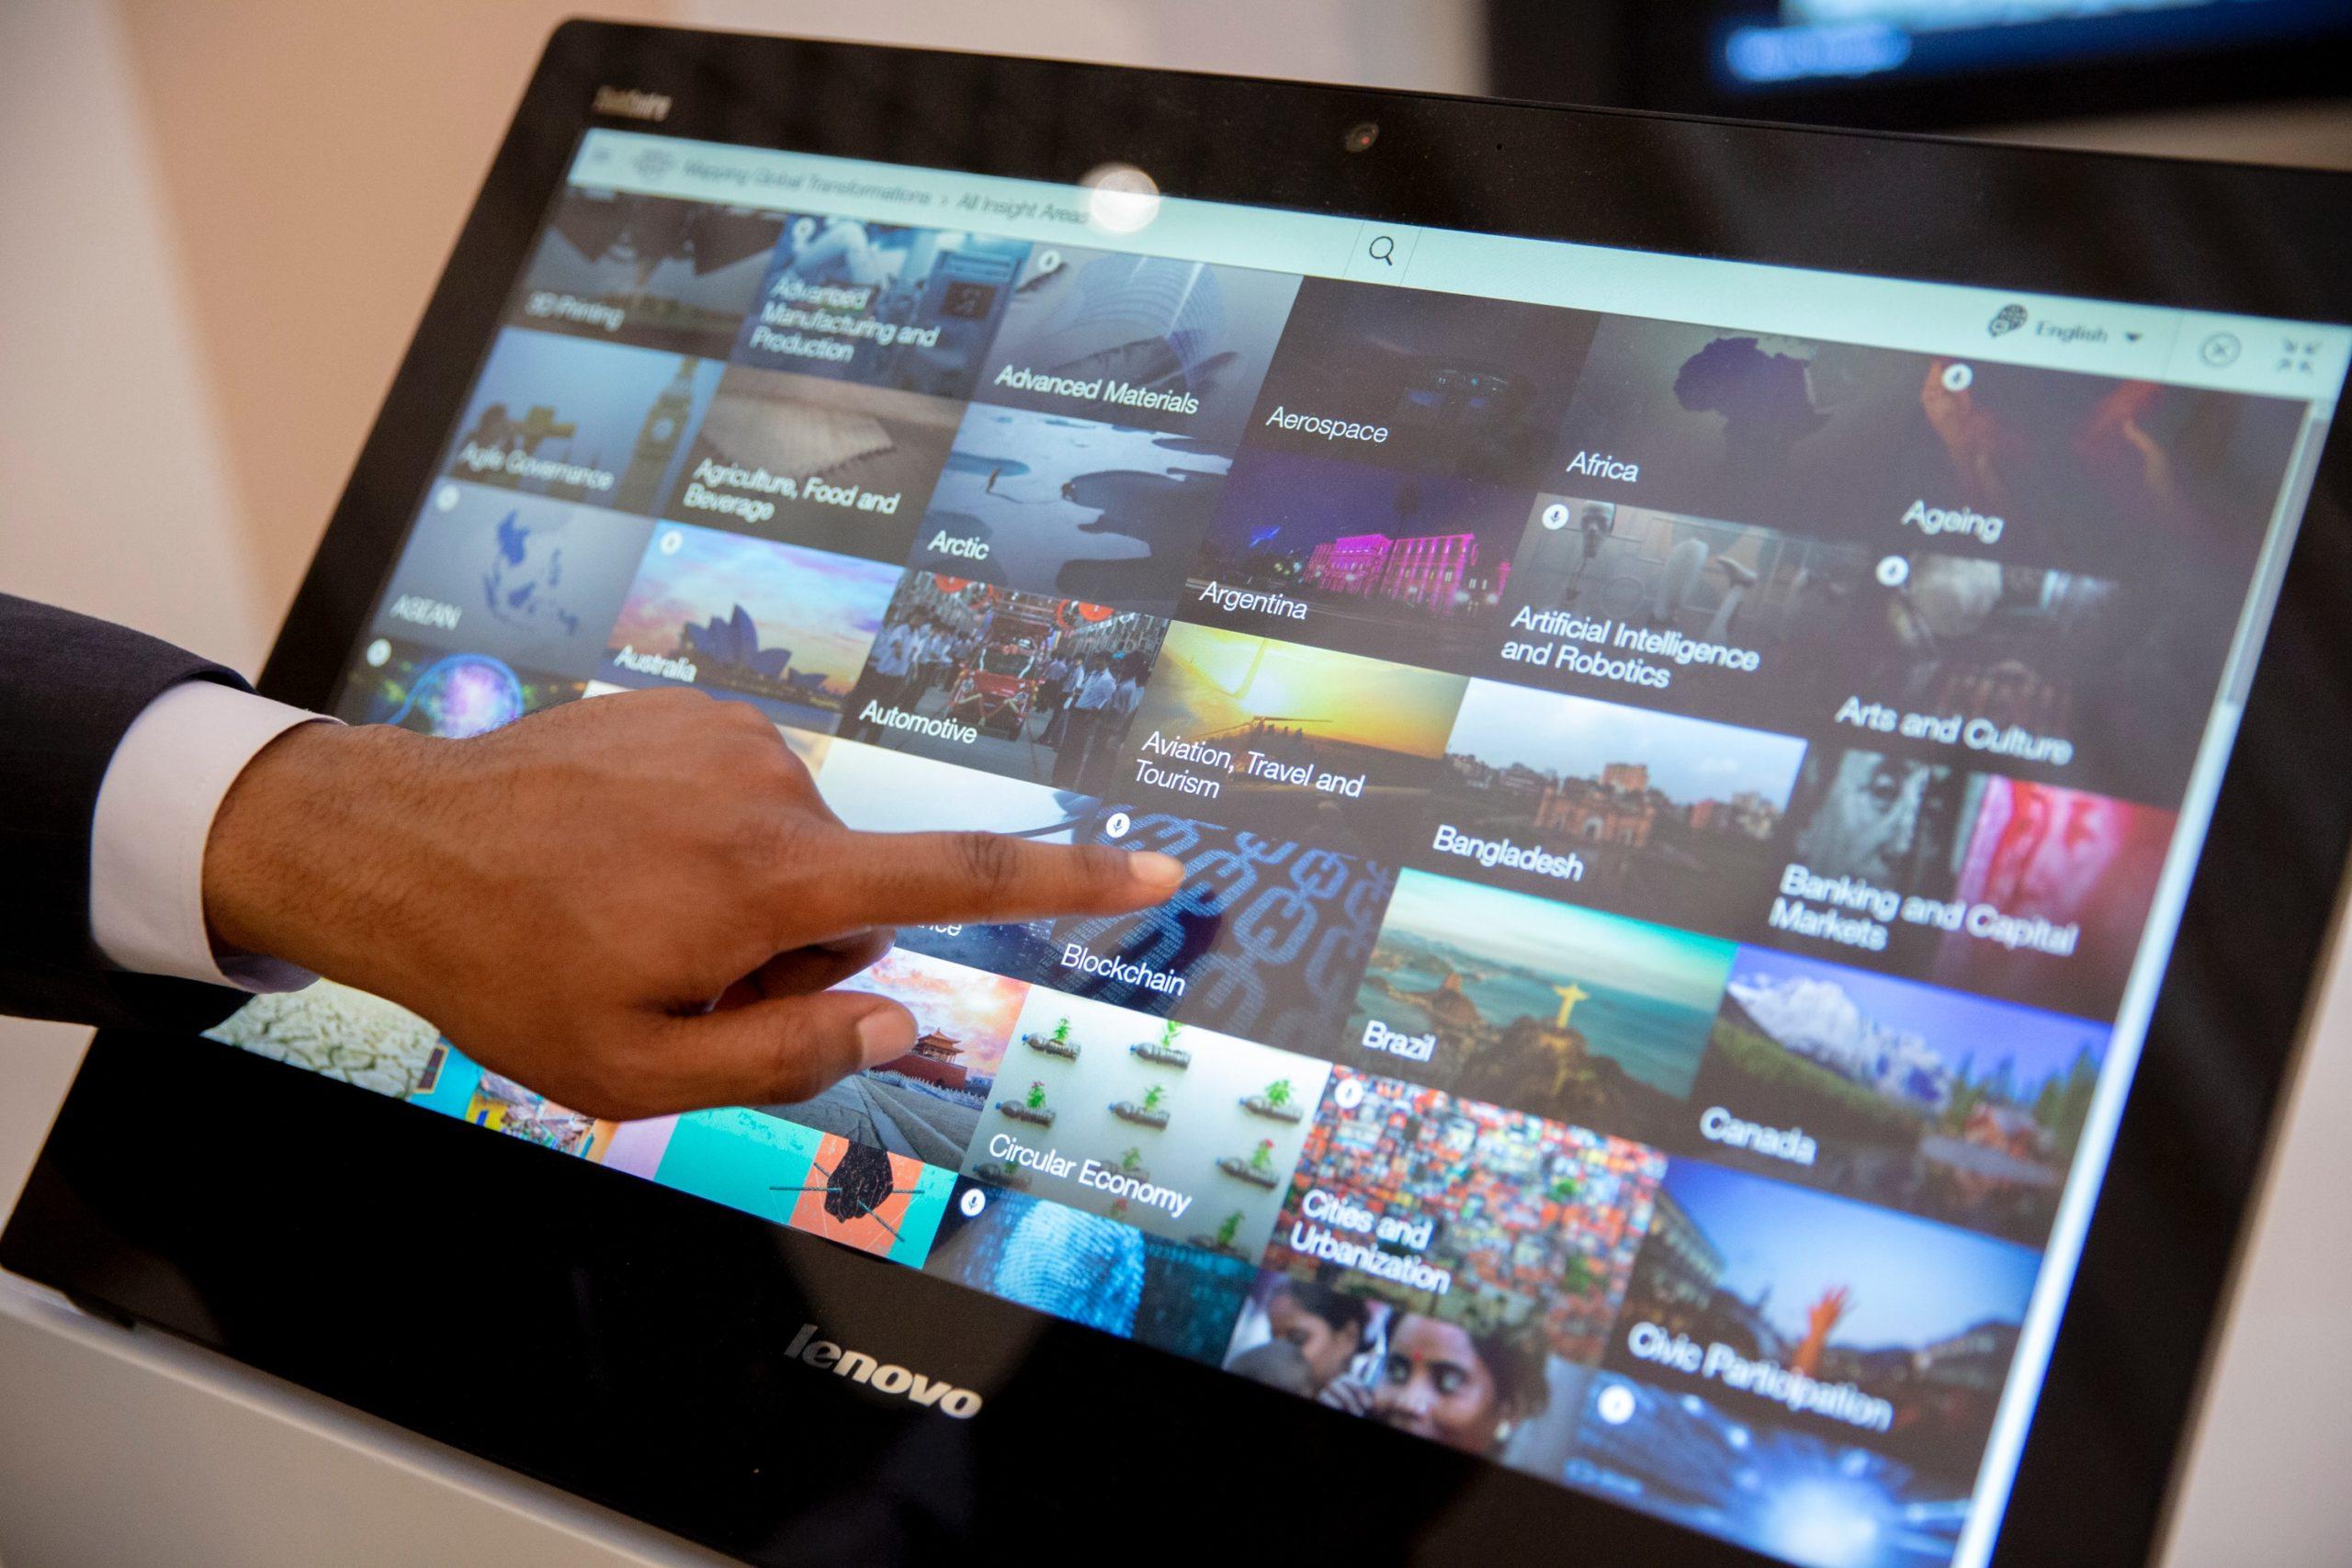 FODプレミアムとは何口コミや特徴は7つの動画配信サービス利用経験をもとに3つのデメリットと4個のメリットを解説!